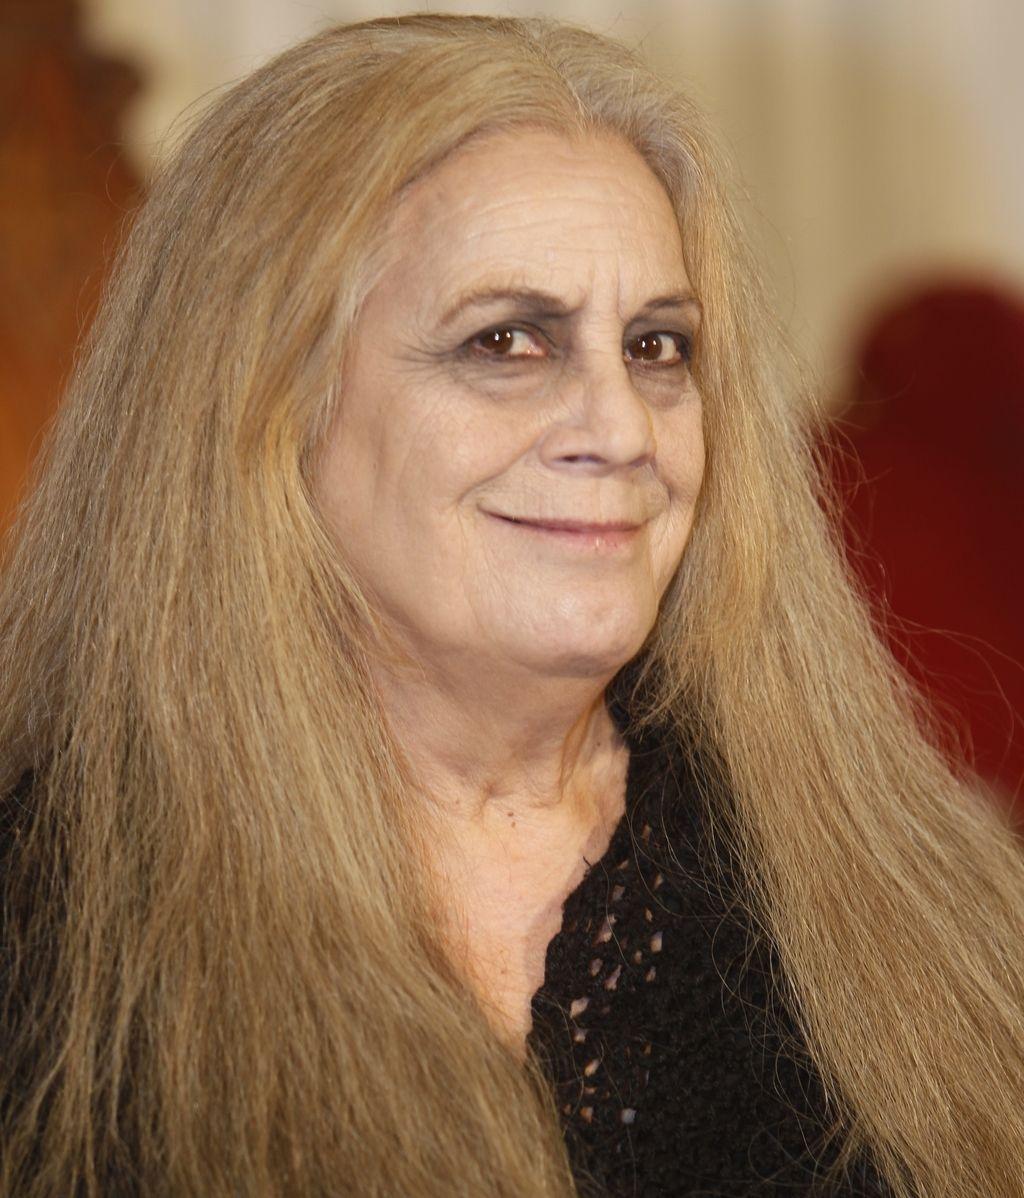 La actriz ha fallecido a los 78 años